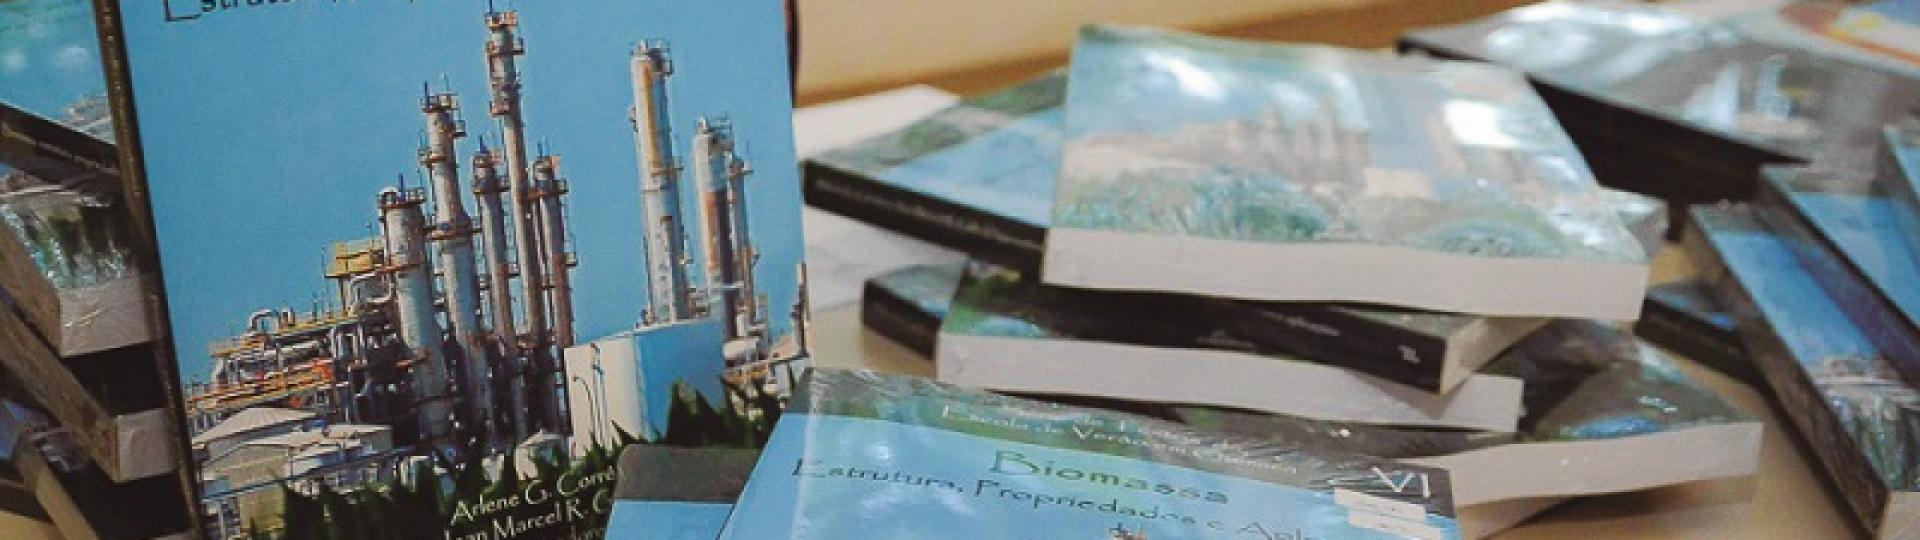 Biomassa é tema de livro lançado pela Escola de Verão em Química da UFSCar